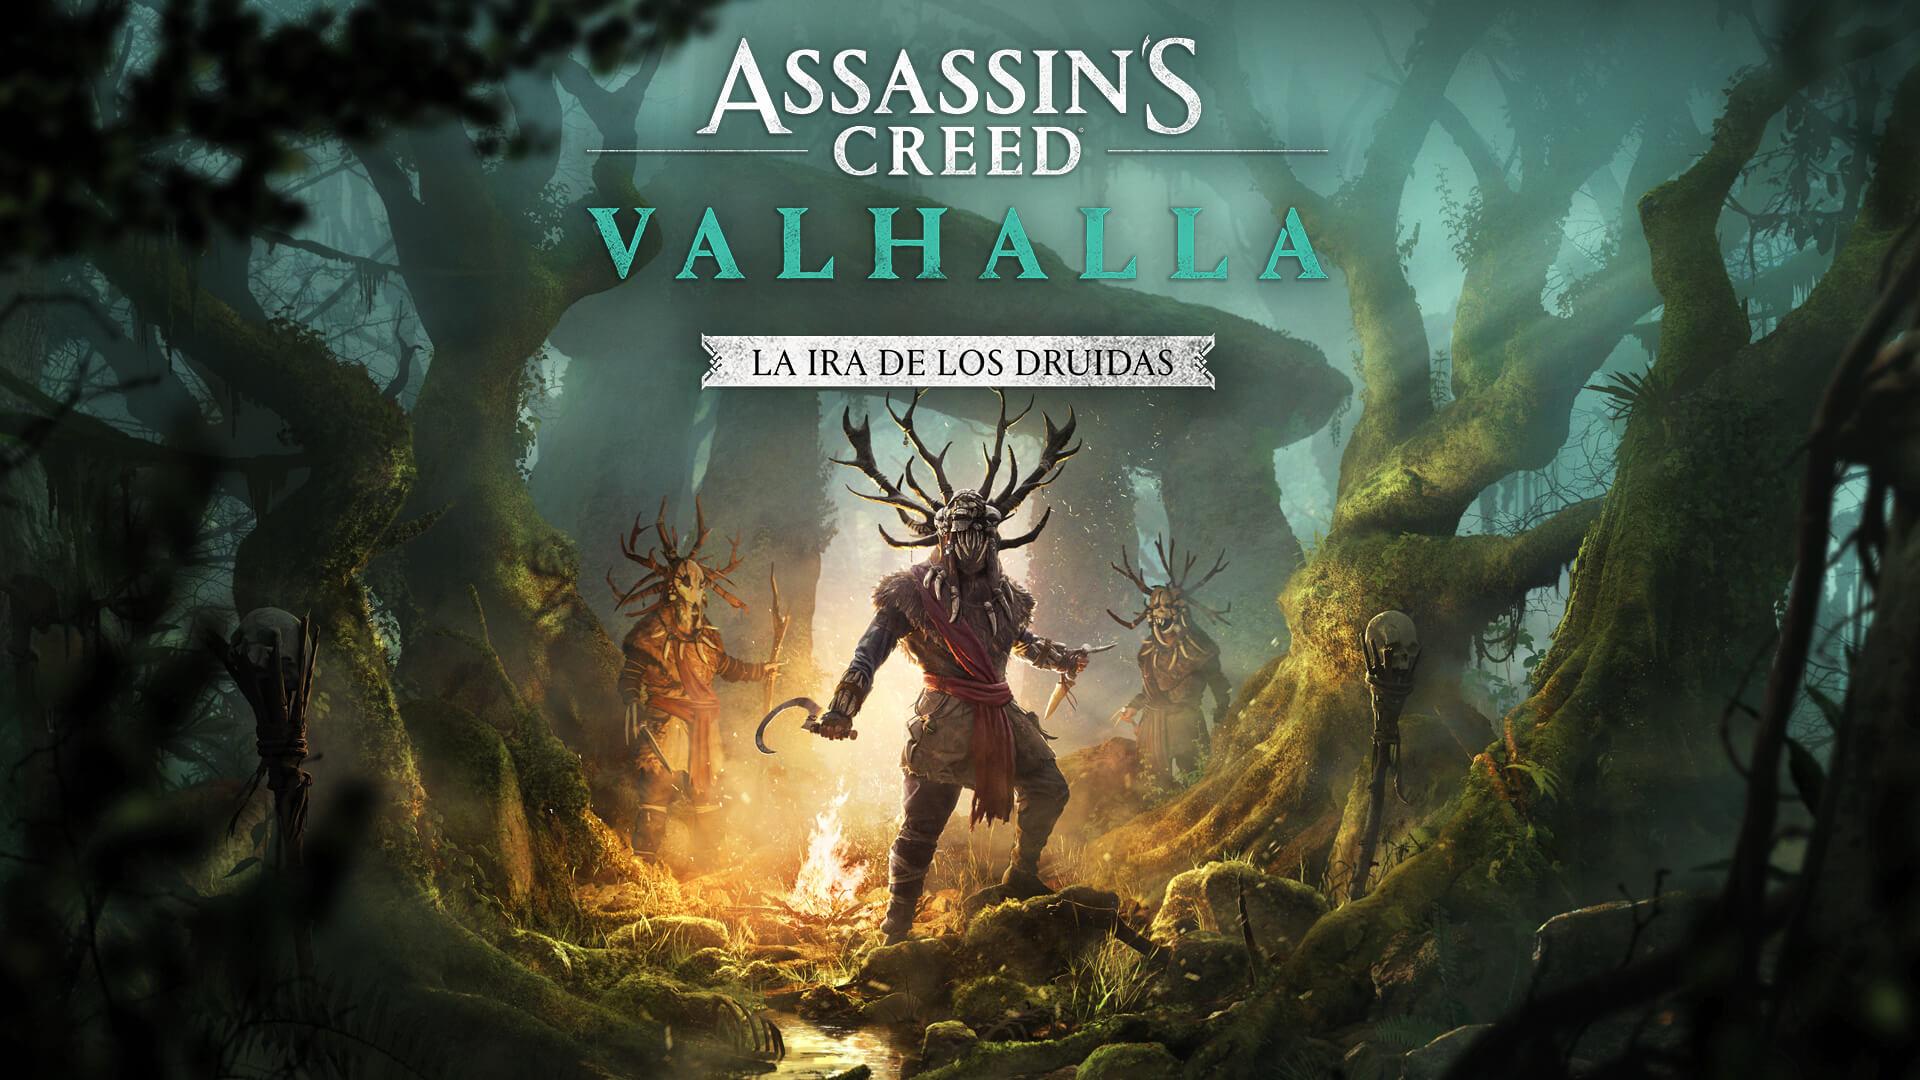 """Assassin's Creed Valhalla recibirá la expansión """"La Ira de los Druidas"""" en abril"""